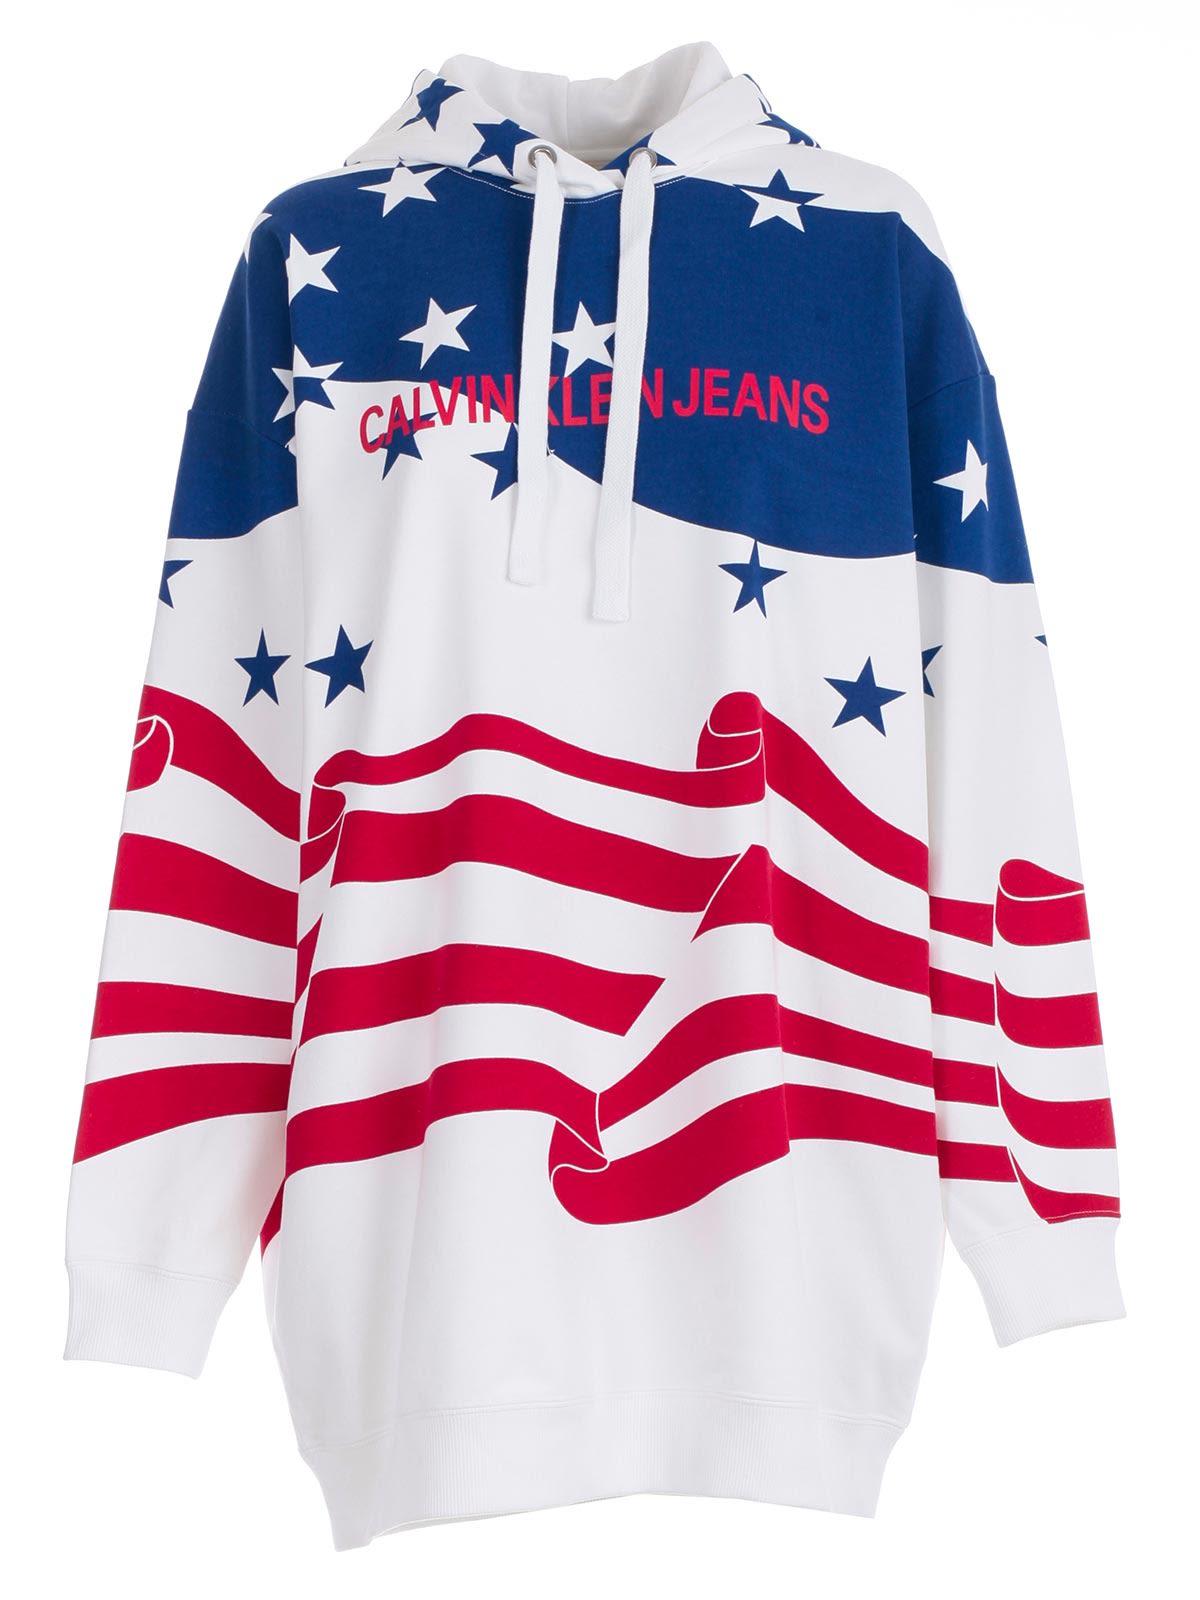 cc44b74f0c0b Calvin Klein Jeans Calvin Klein Jeans Flag Print Hoodie Dress - Flag ...